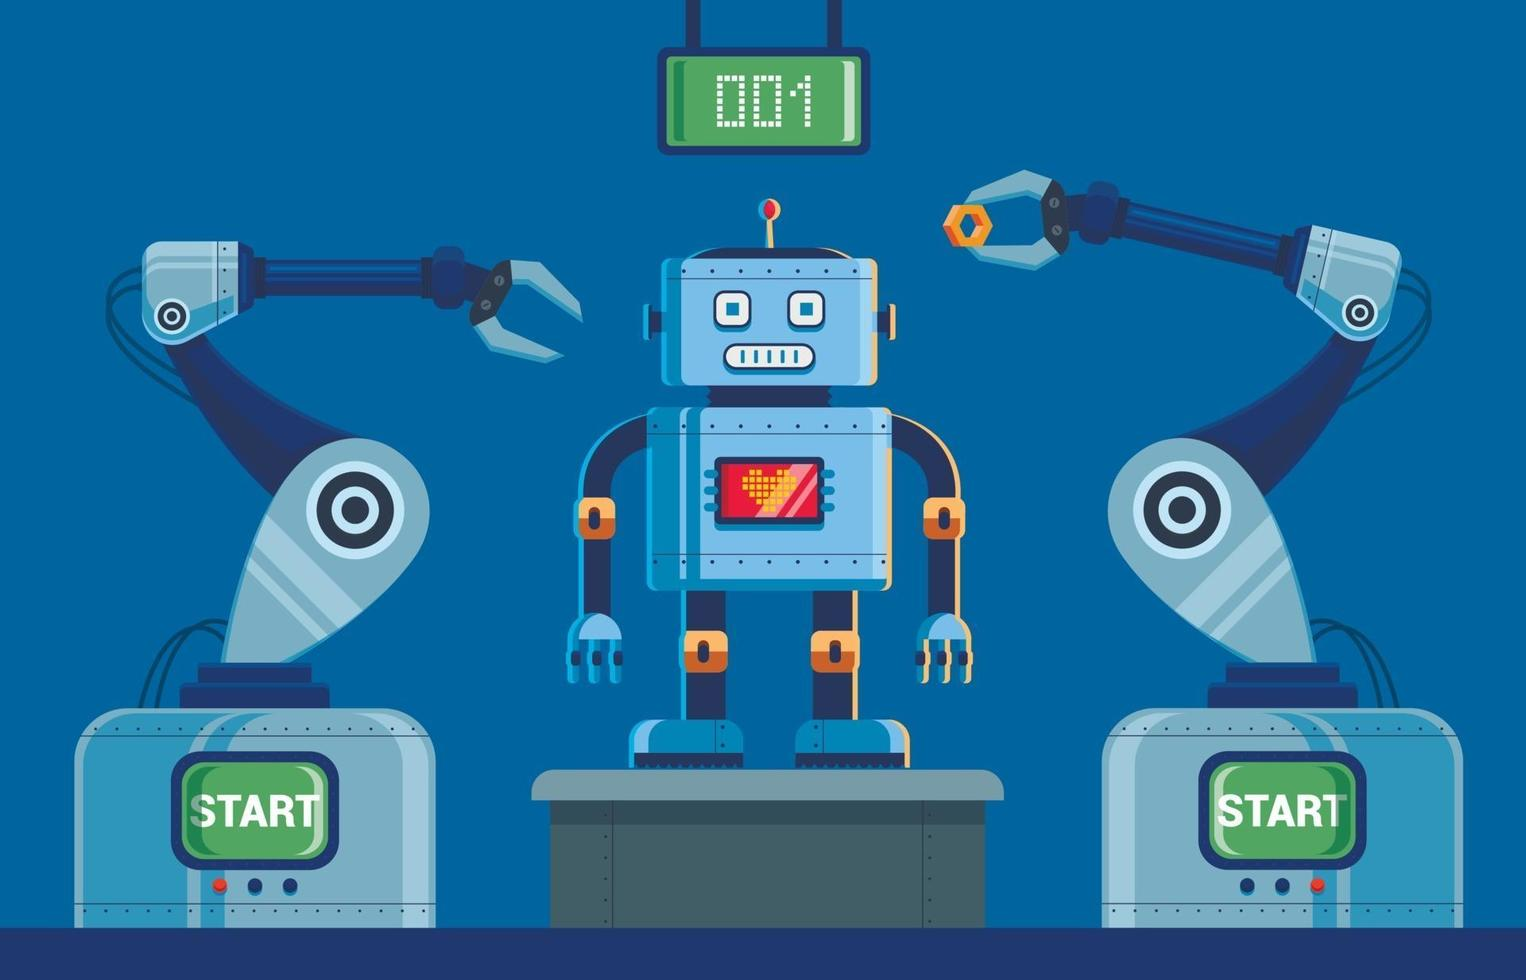 fabriek voor de productie van robots met klauwen. van het scorebord bovenaan. karakter vectorillustratie. vector